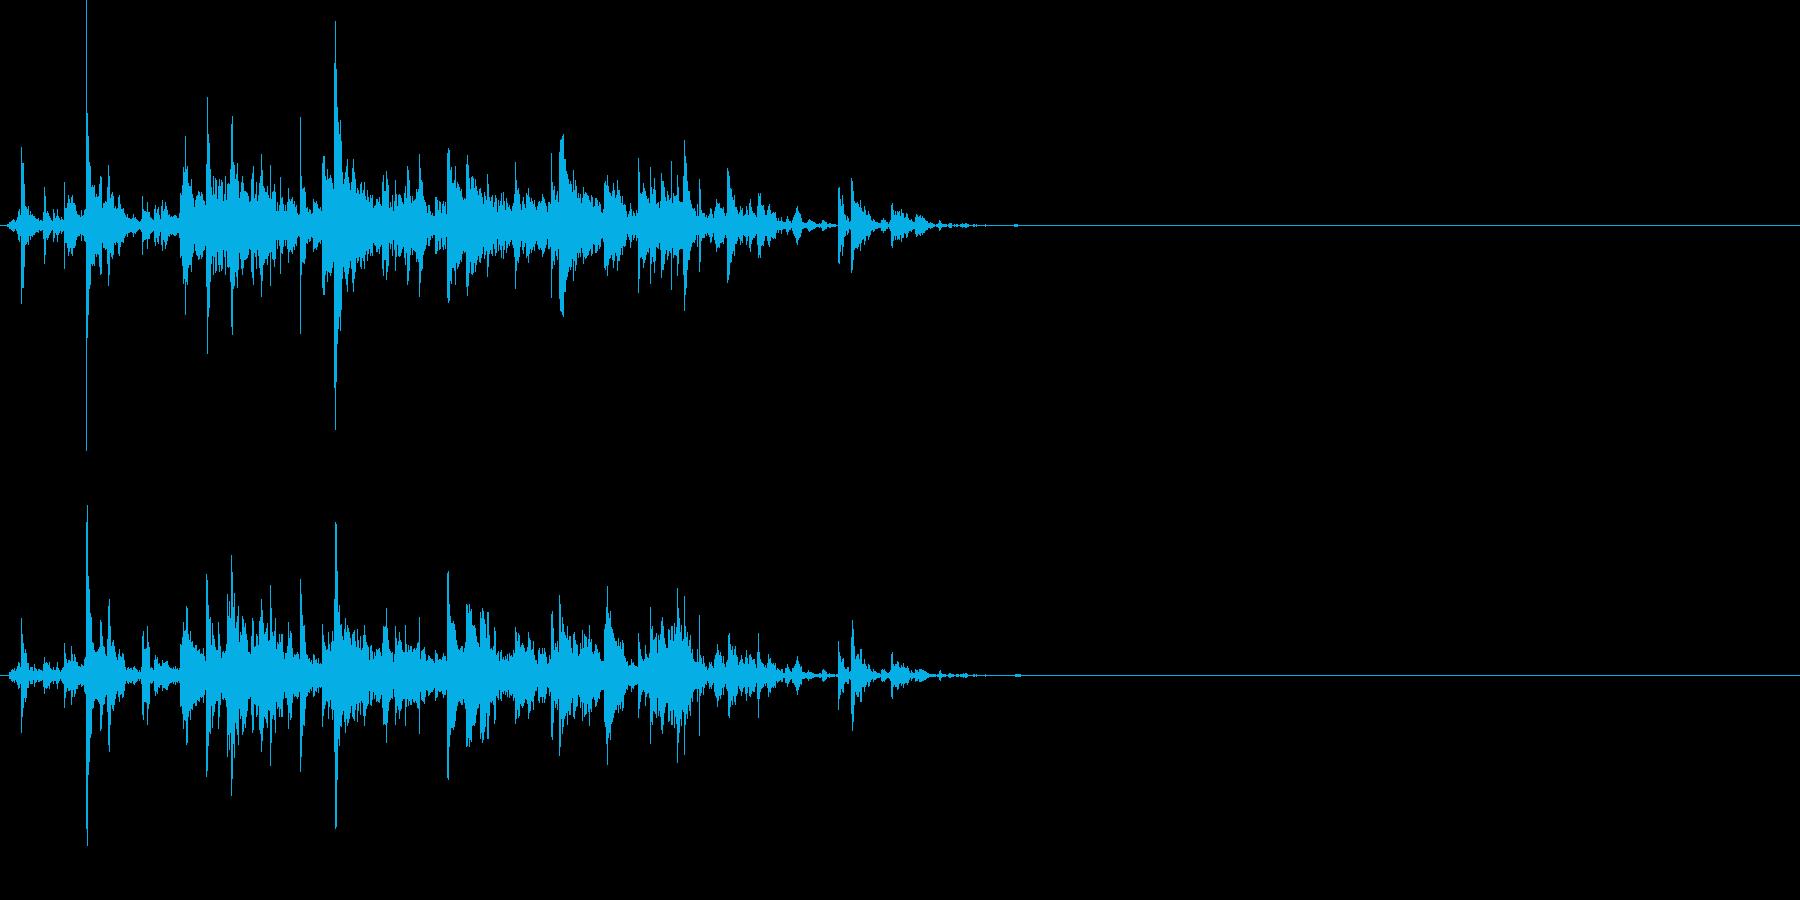 ちゃちゃちゃりーん!複数の鈴がぶつかる音の再生済みの波形